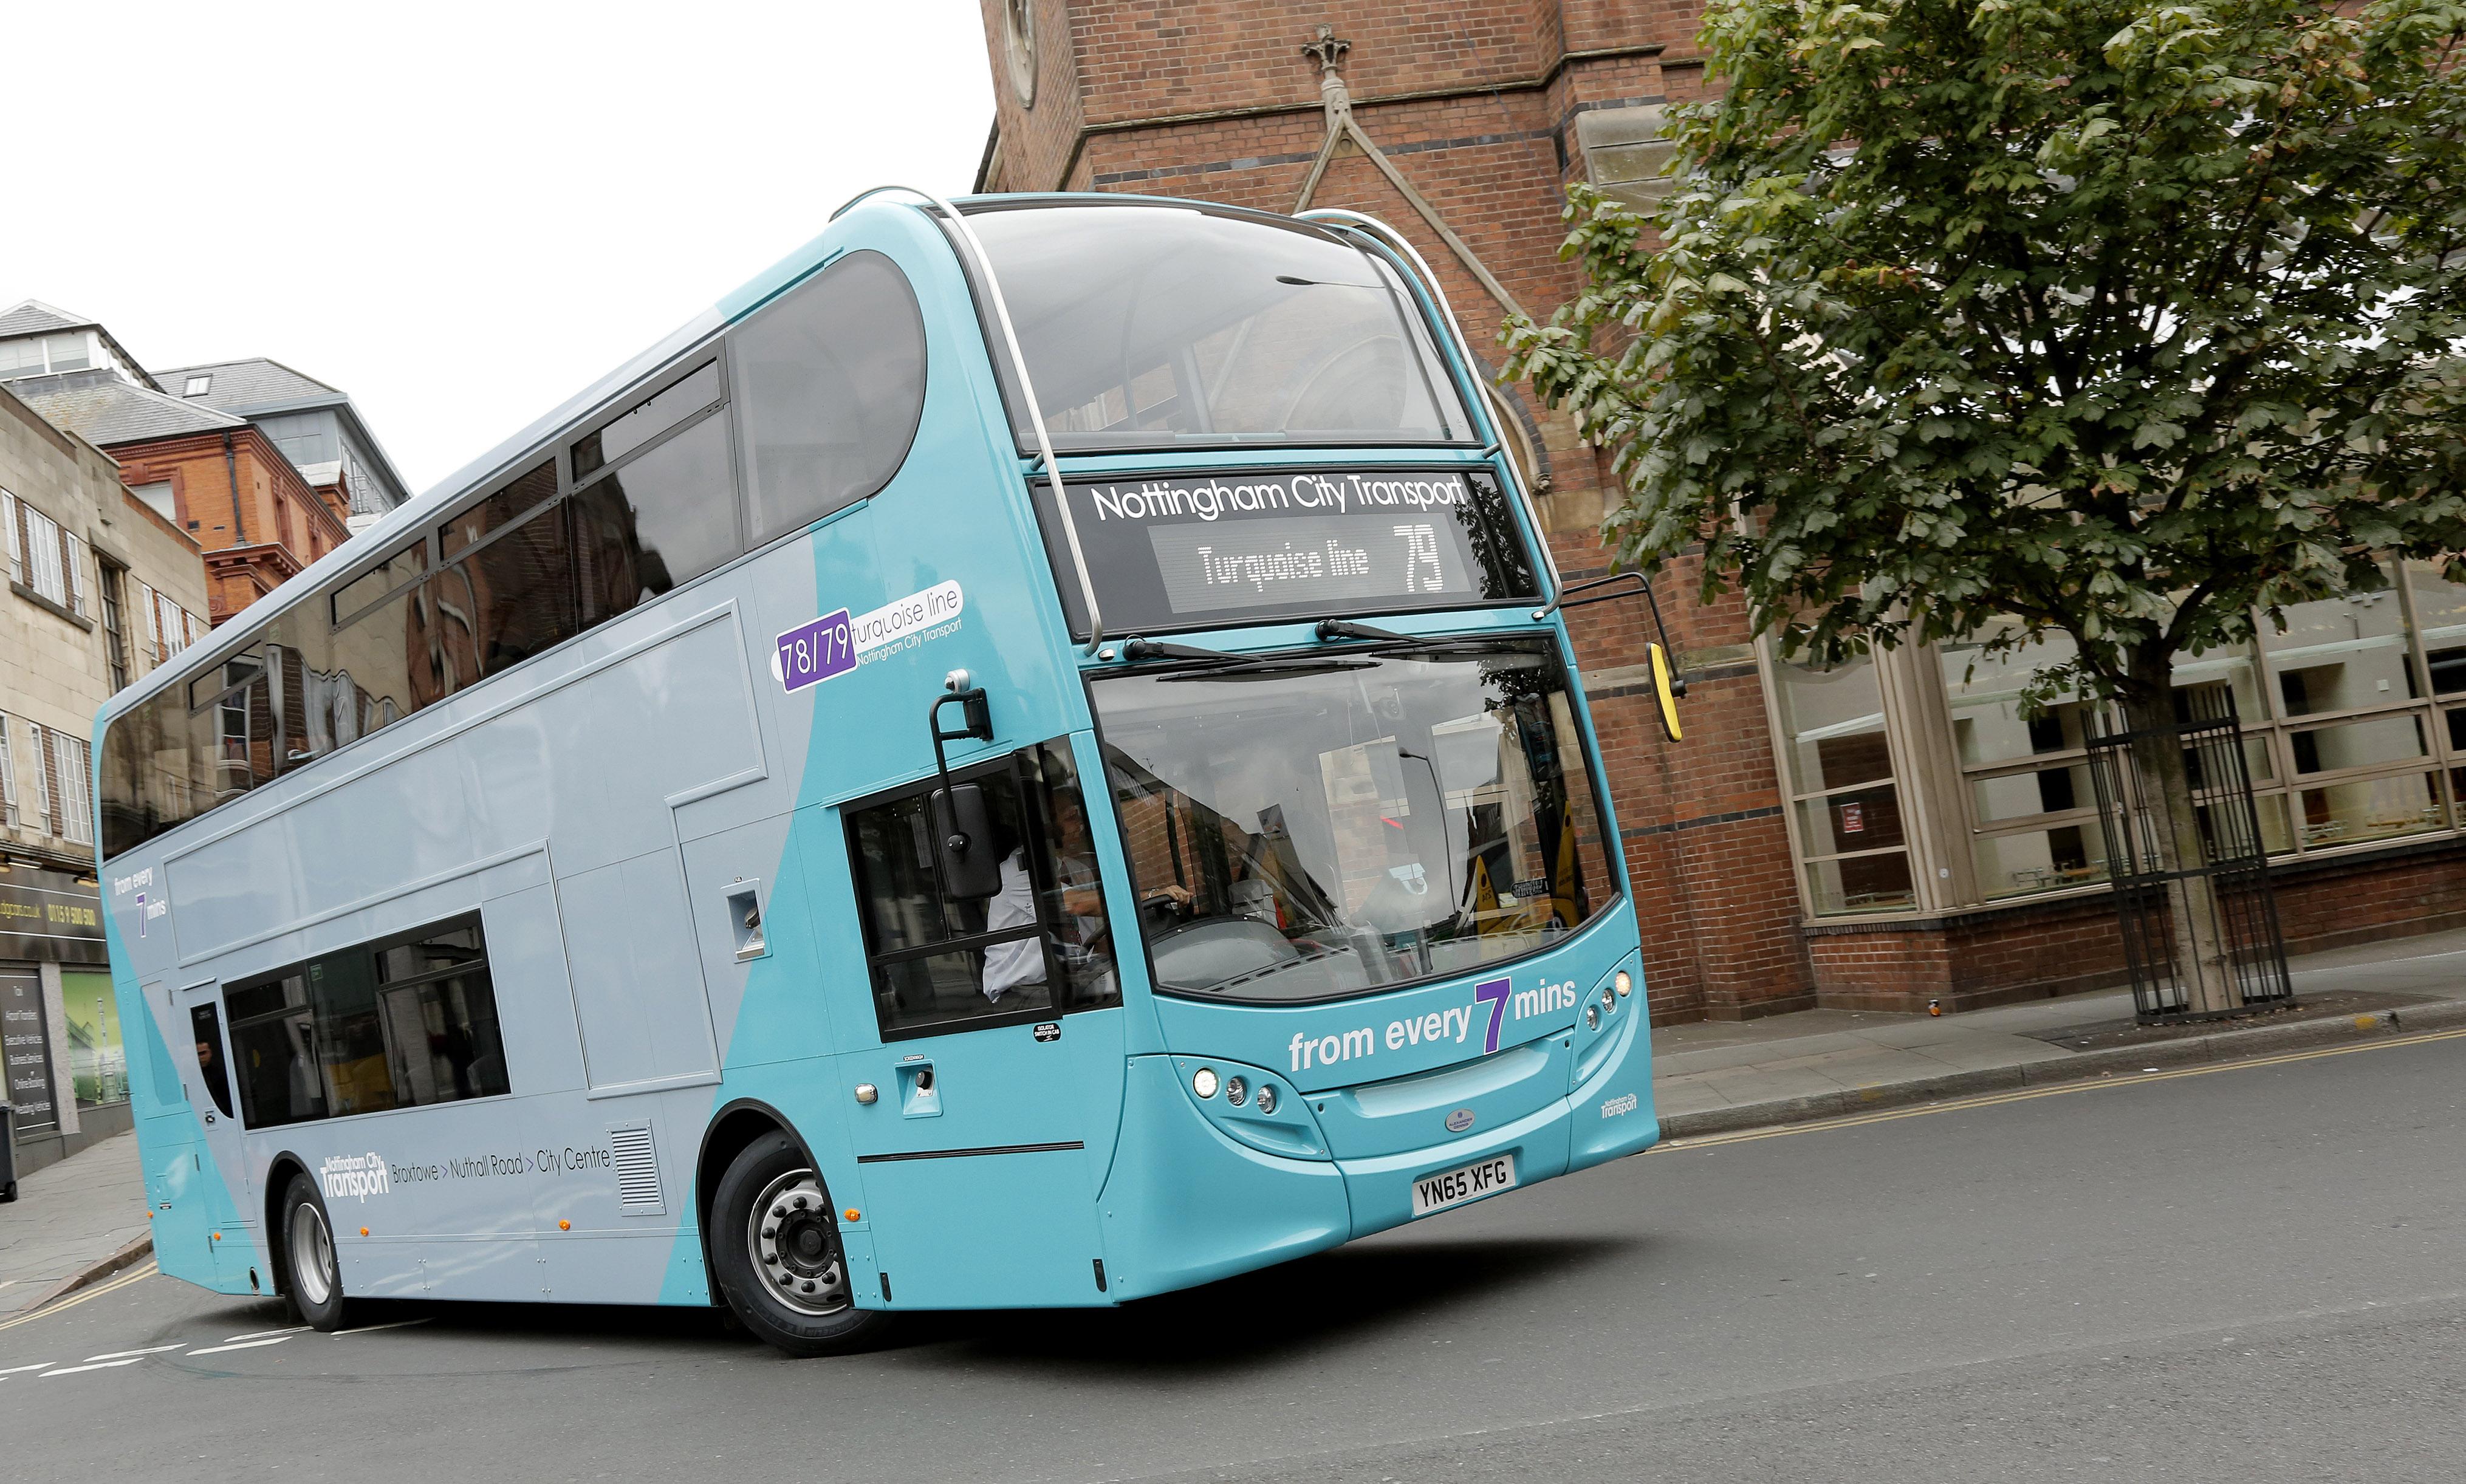 Photo courtesy of Nottingham City Transport